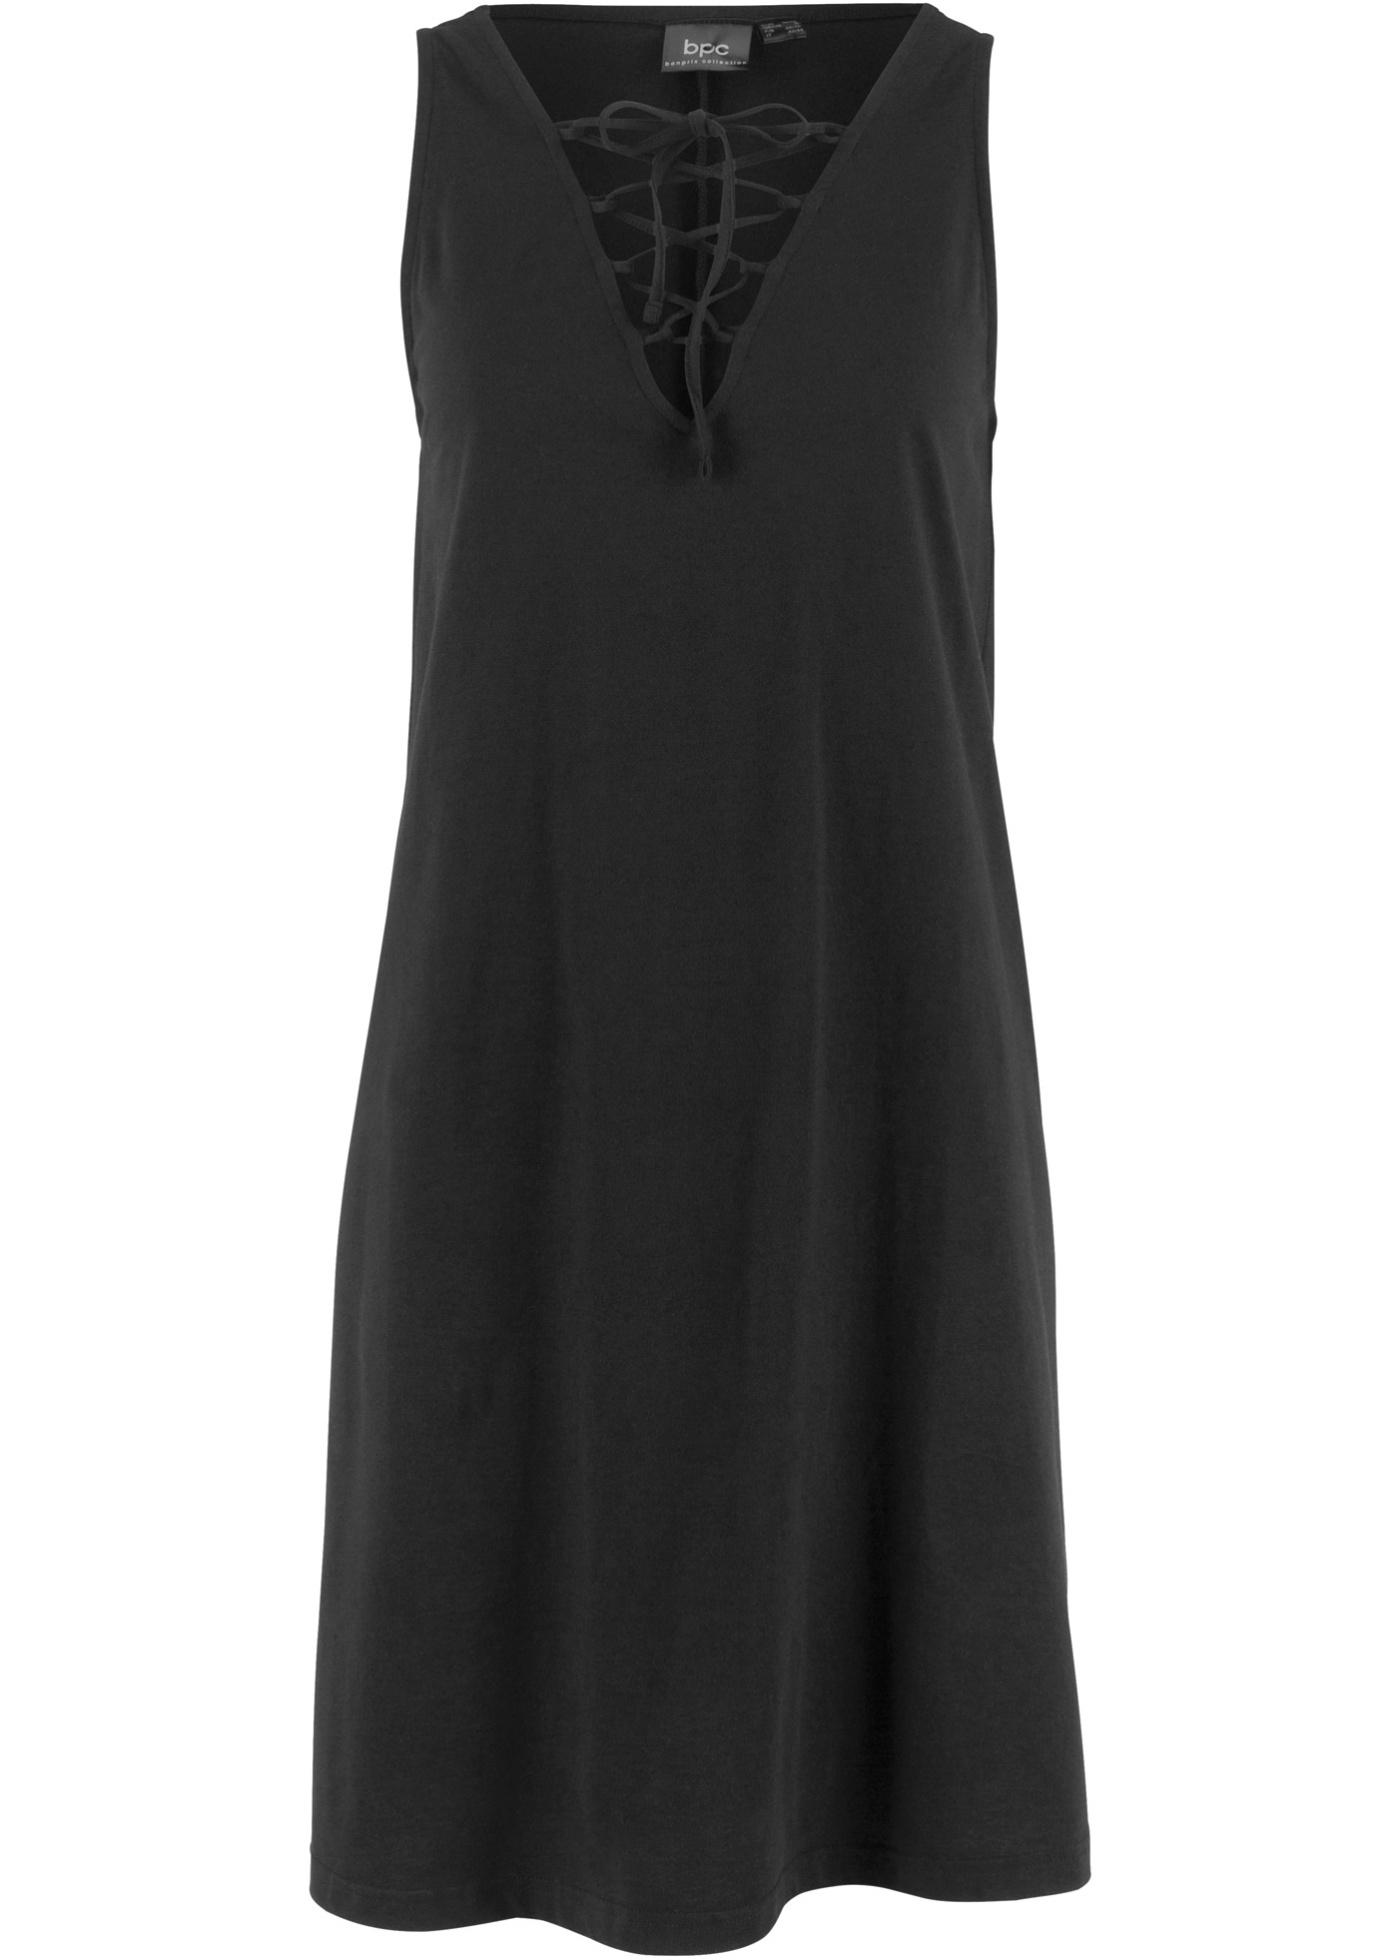 Jerseykleid mit Schnürung ohne Ärmel  in schwarz für Damen von bonprix